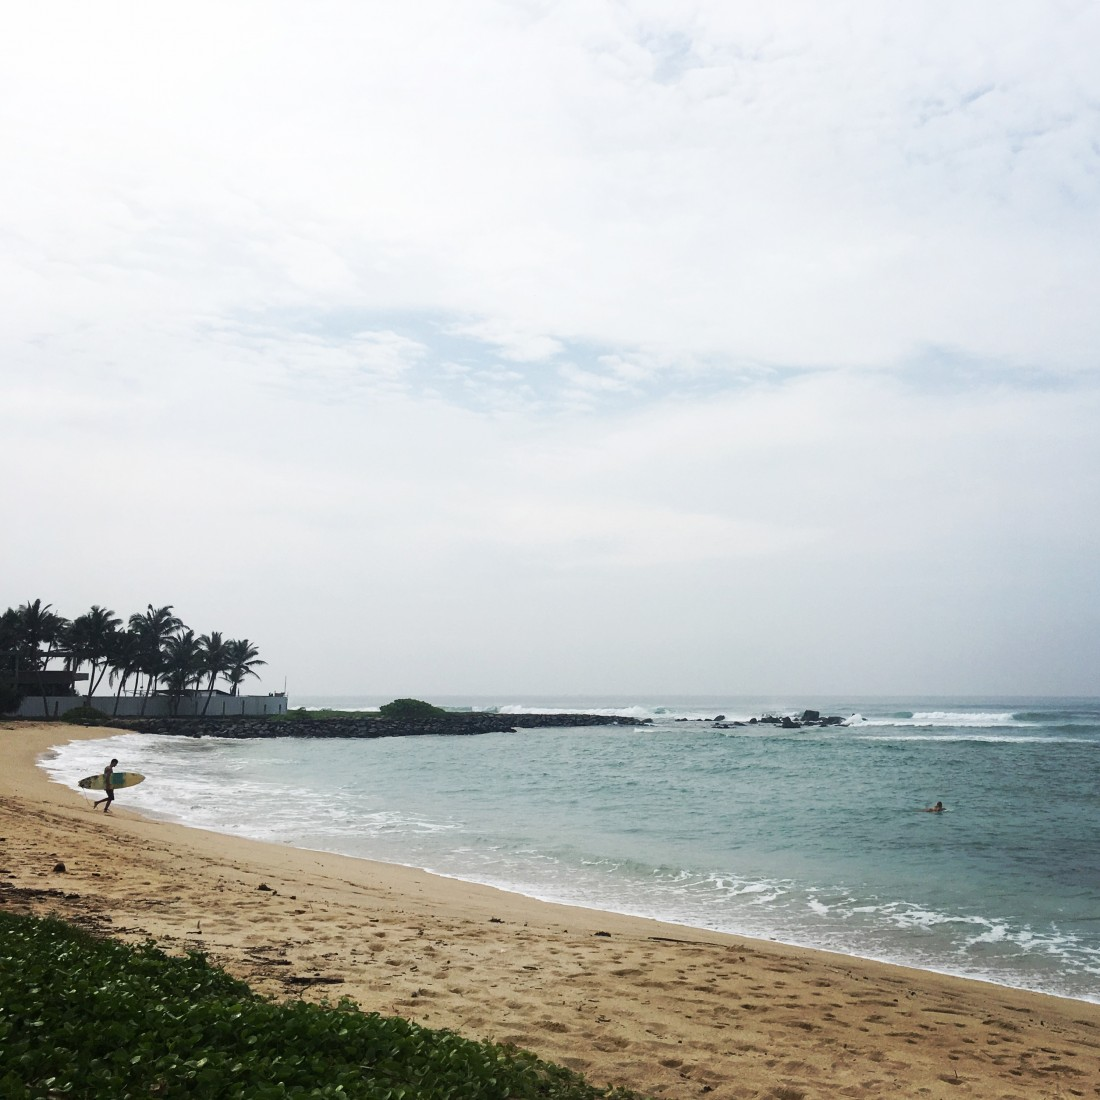 Моё новое открытие: Шри-Ланка, самостоятельное путешествие, куда поехать • Блог Ольги Салий Другие путешествия